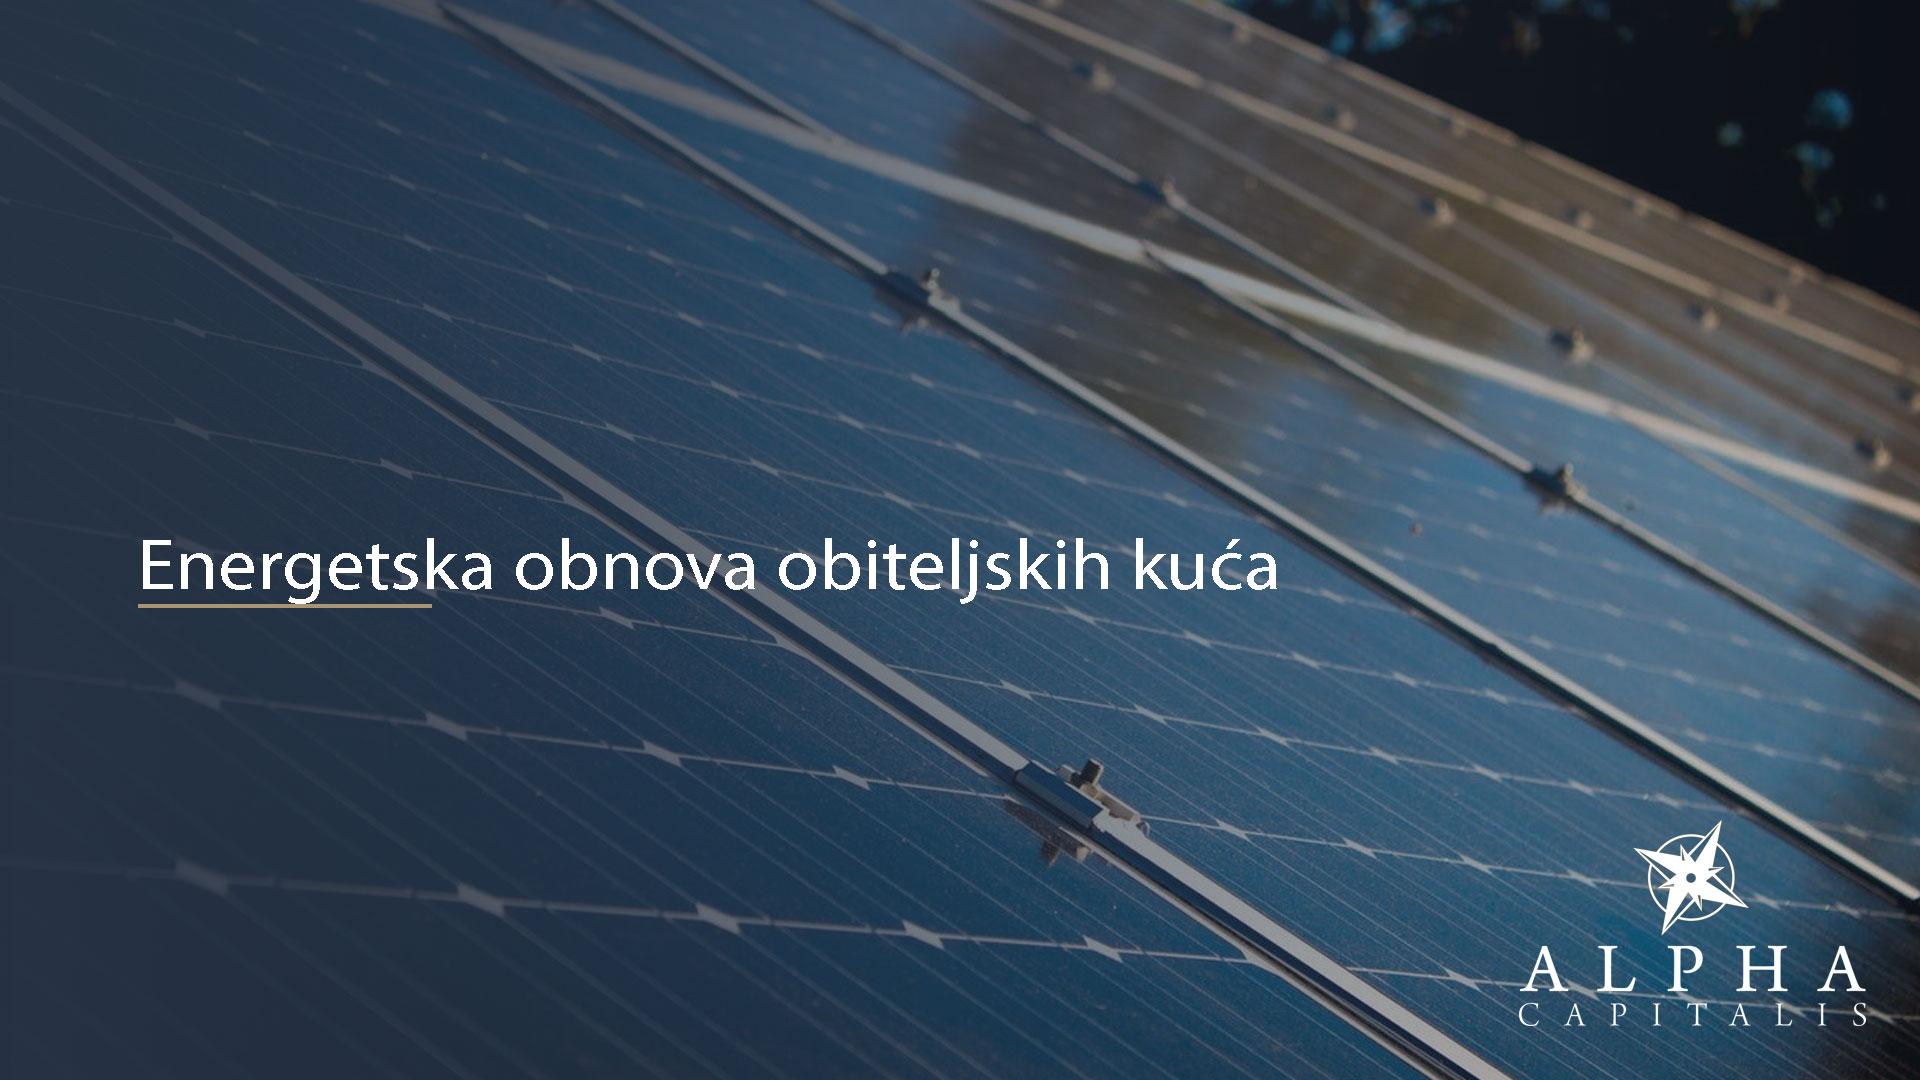 alpha-capitalis-energetska-obnova